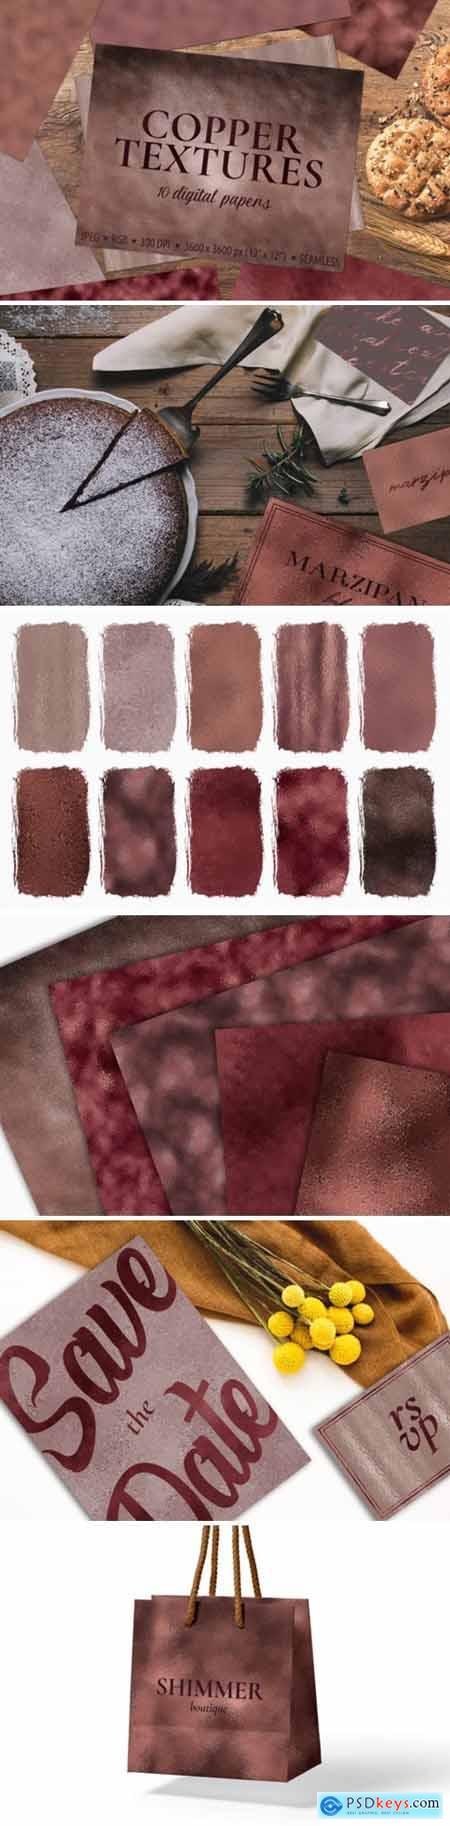 Copper Foil Textures 10 Digital Papers 1730090